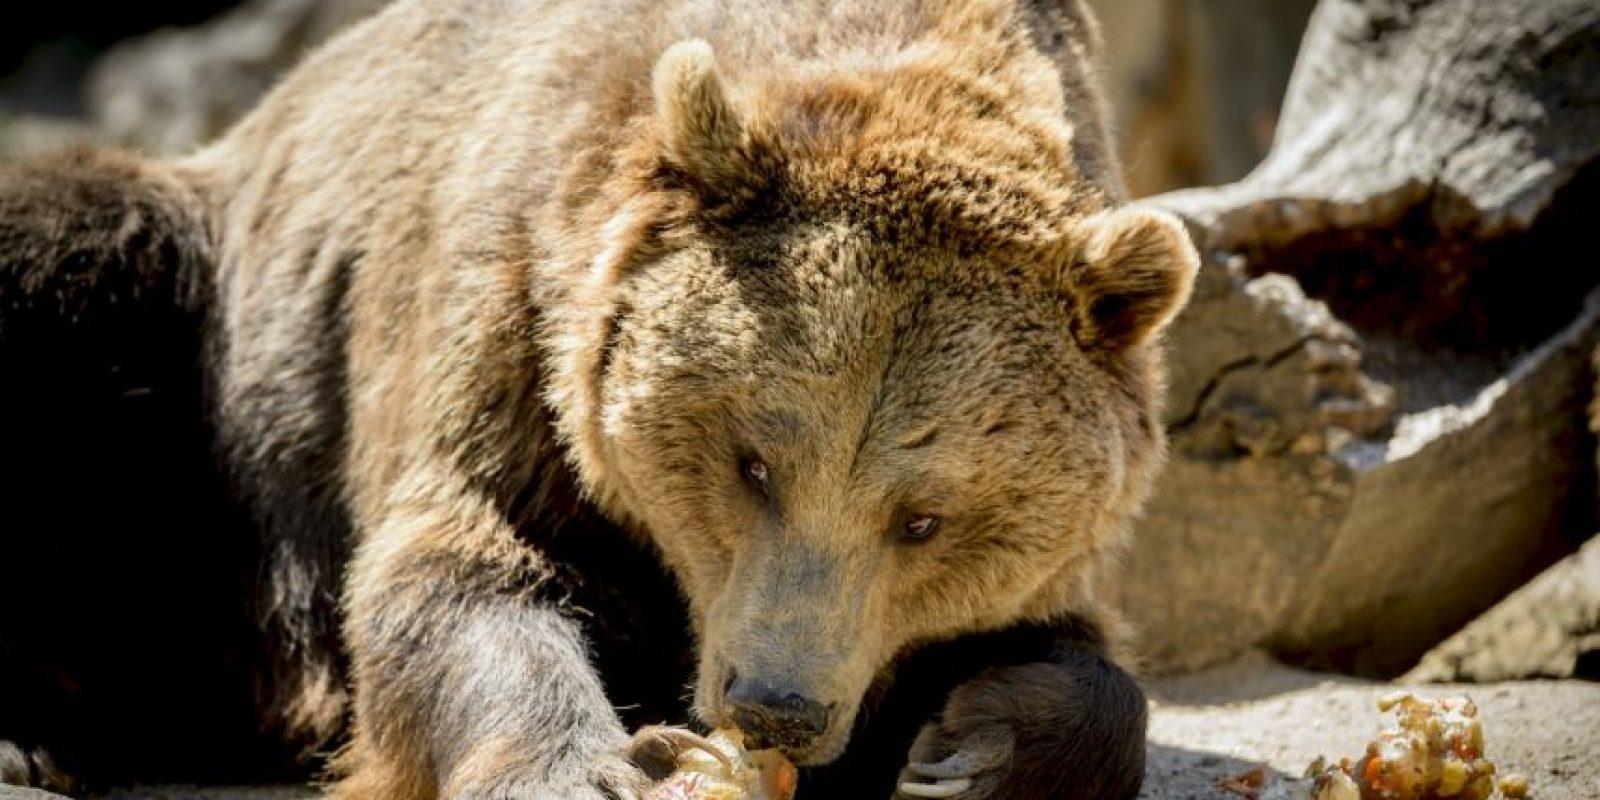 Las especies de gran tamaño luchan contra el calor que genera su gran pelaje. Foto:AFP